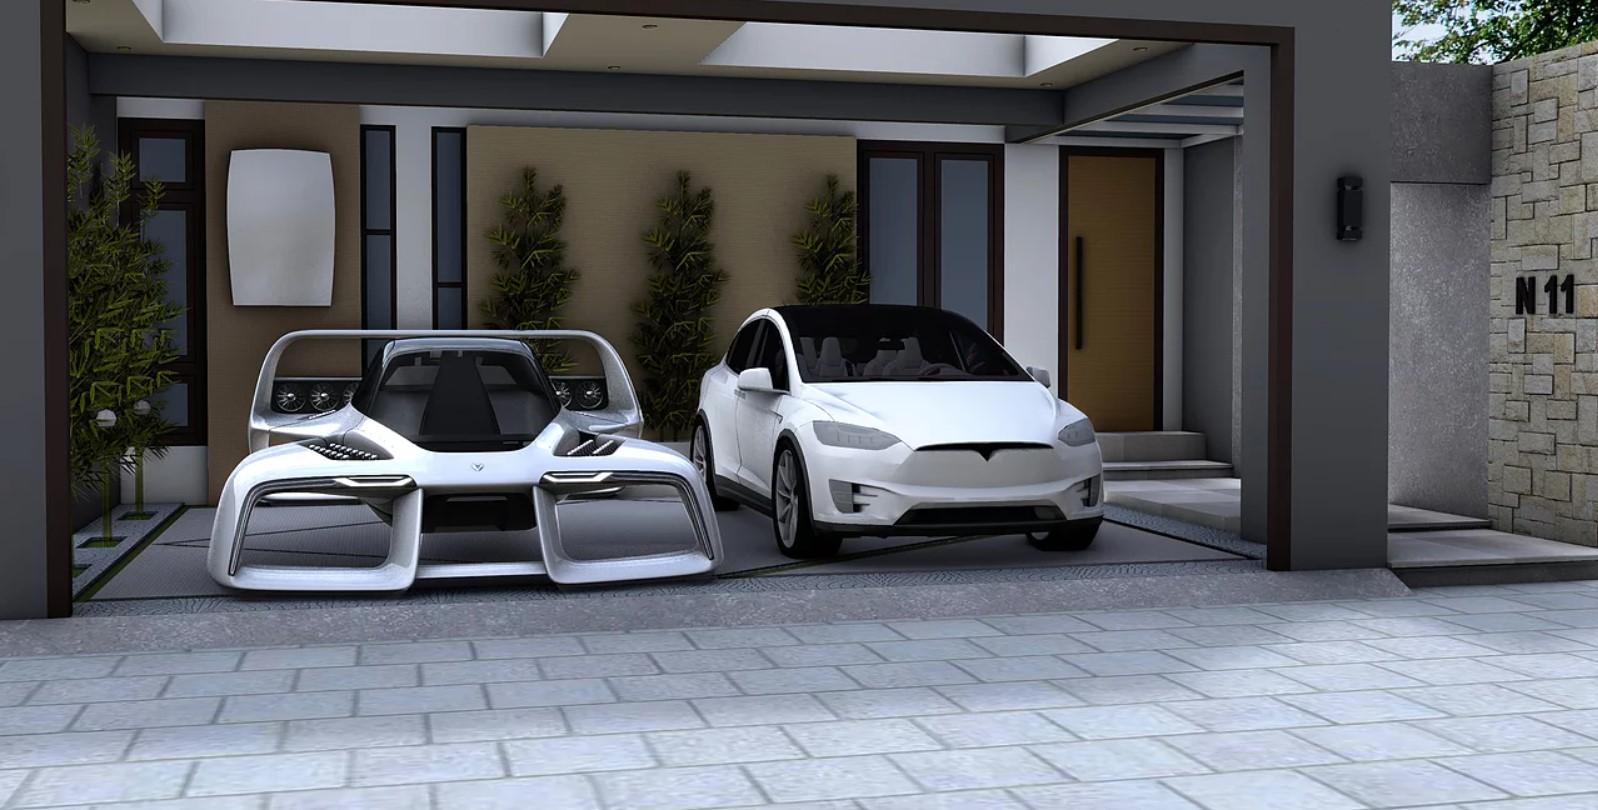 Экс-дизайнер Mazda Салафф запустит в серию летающий гиперкар LEO Coupe